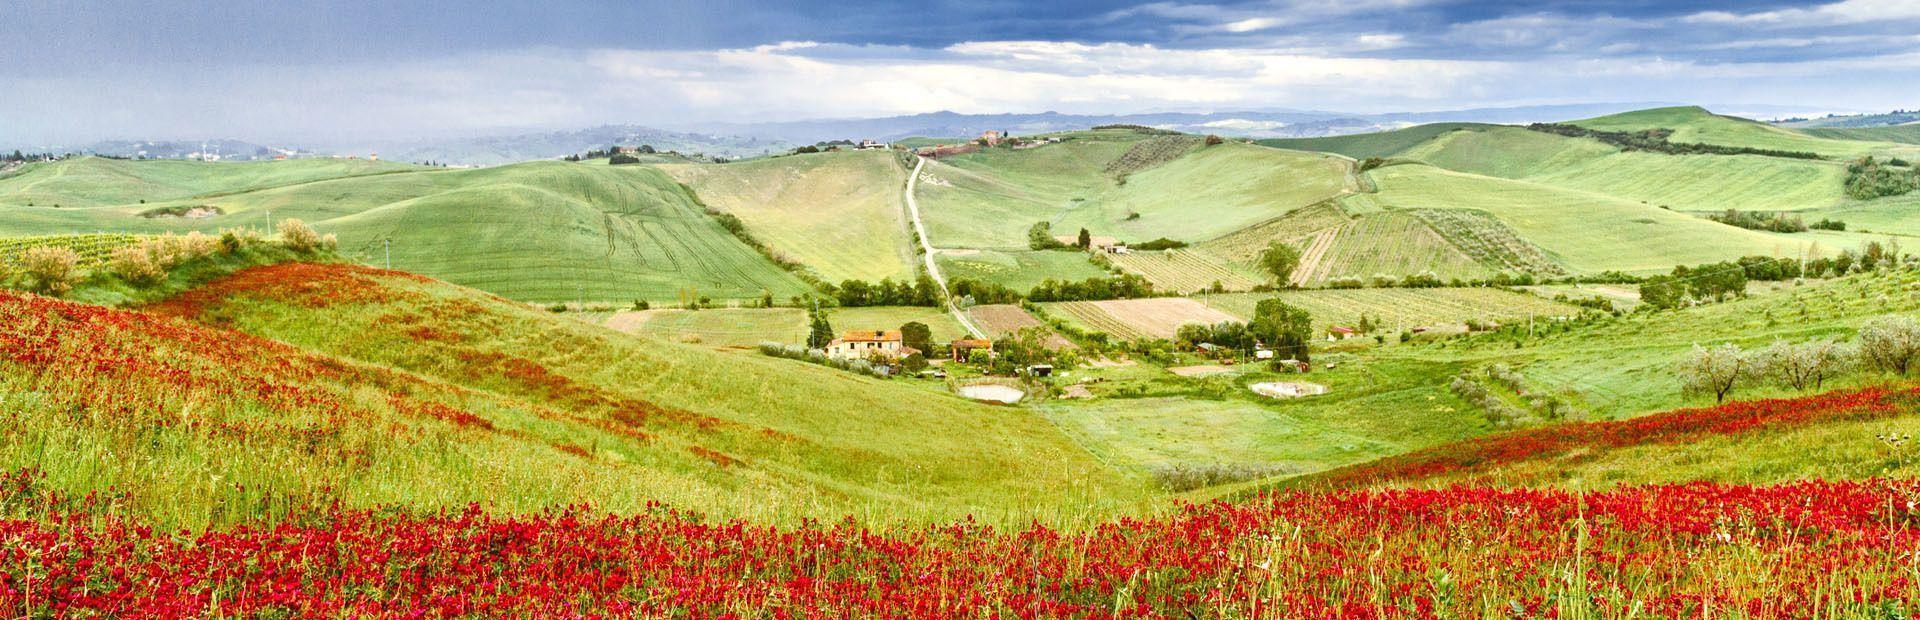 Via Francigena: in cammino da Siena a Viterbo